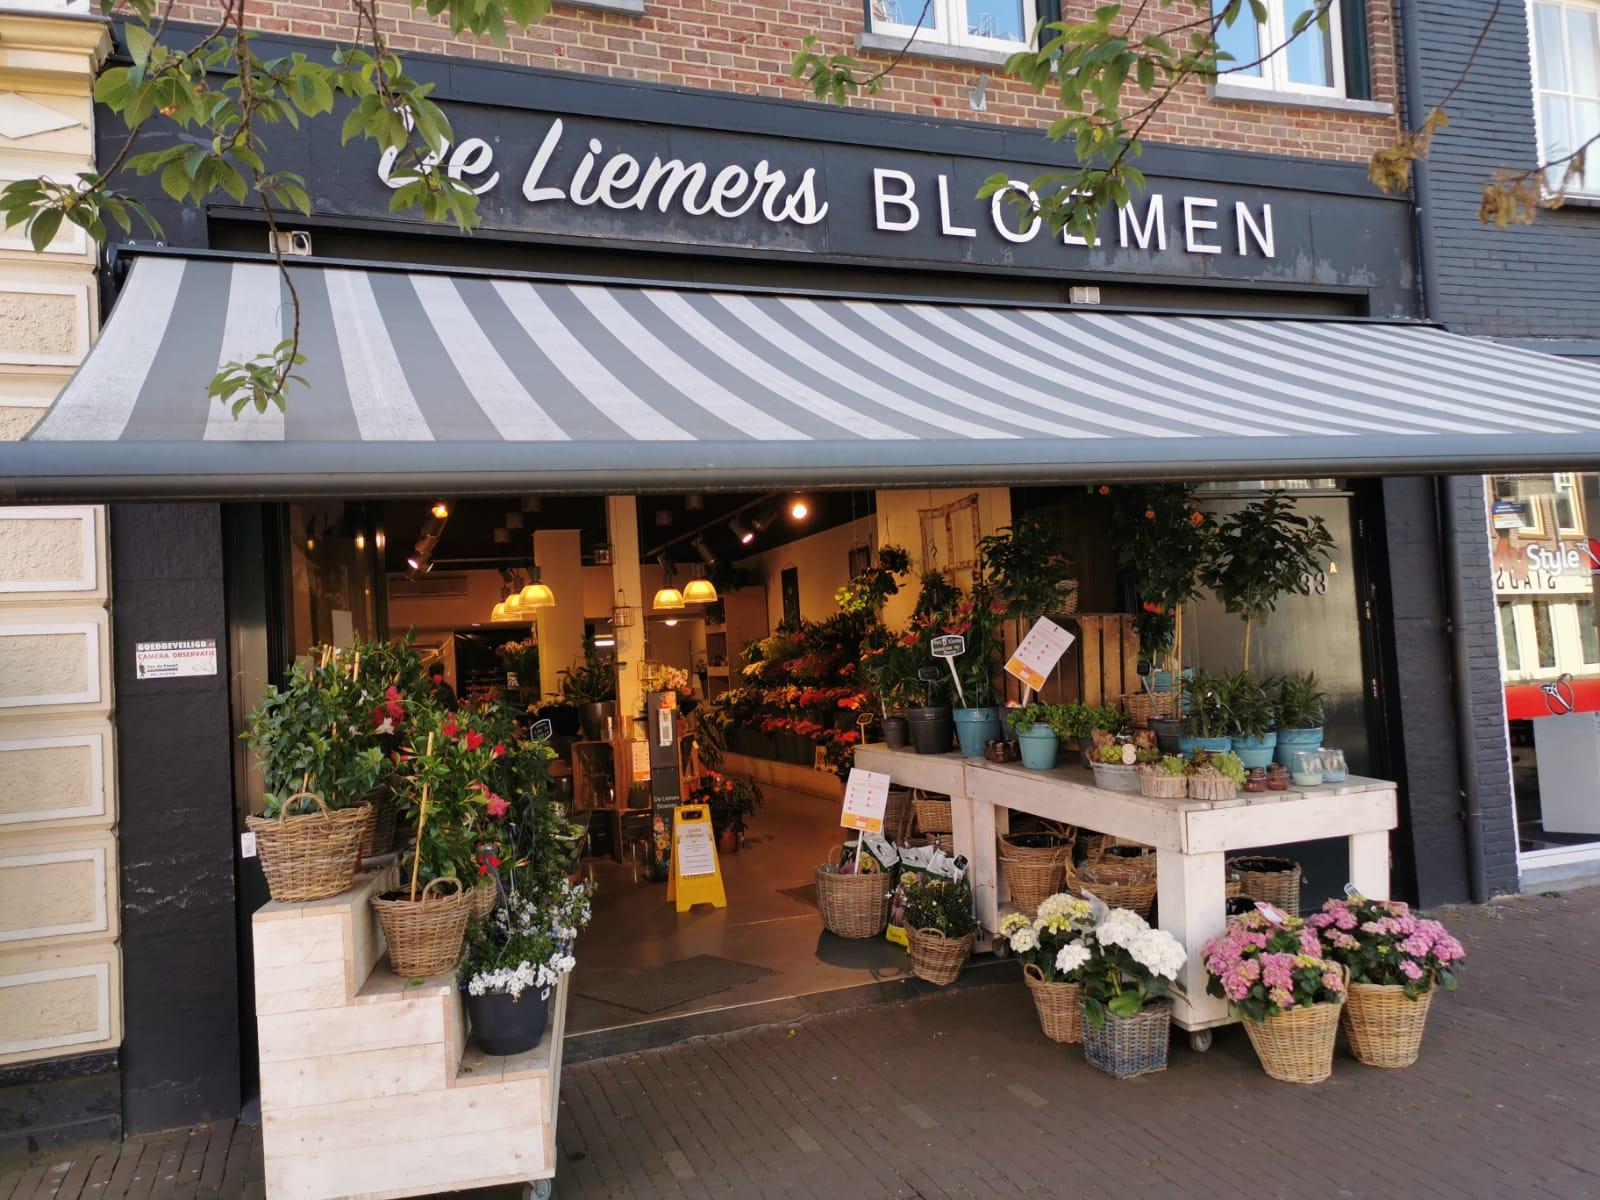 Liemers Bloemen